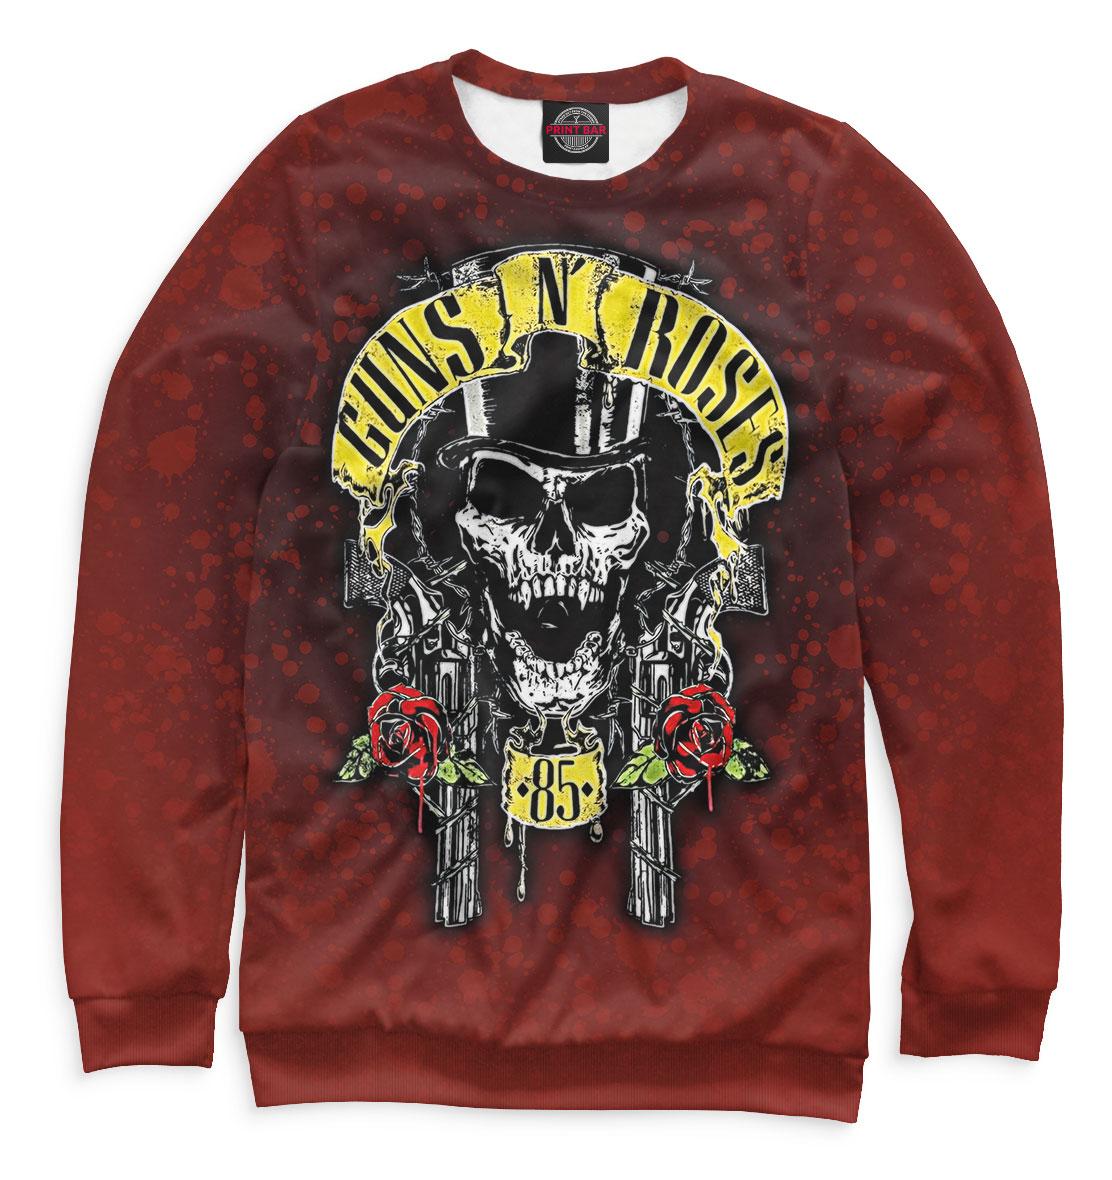 Купить Guns N' Roses, Printbar, Свитшоты, GNR-681394-swi-2